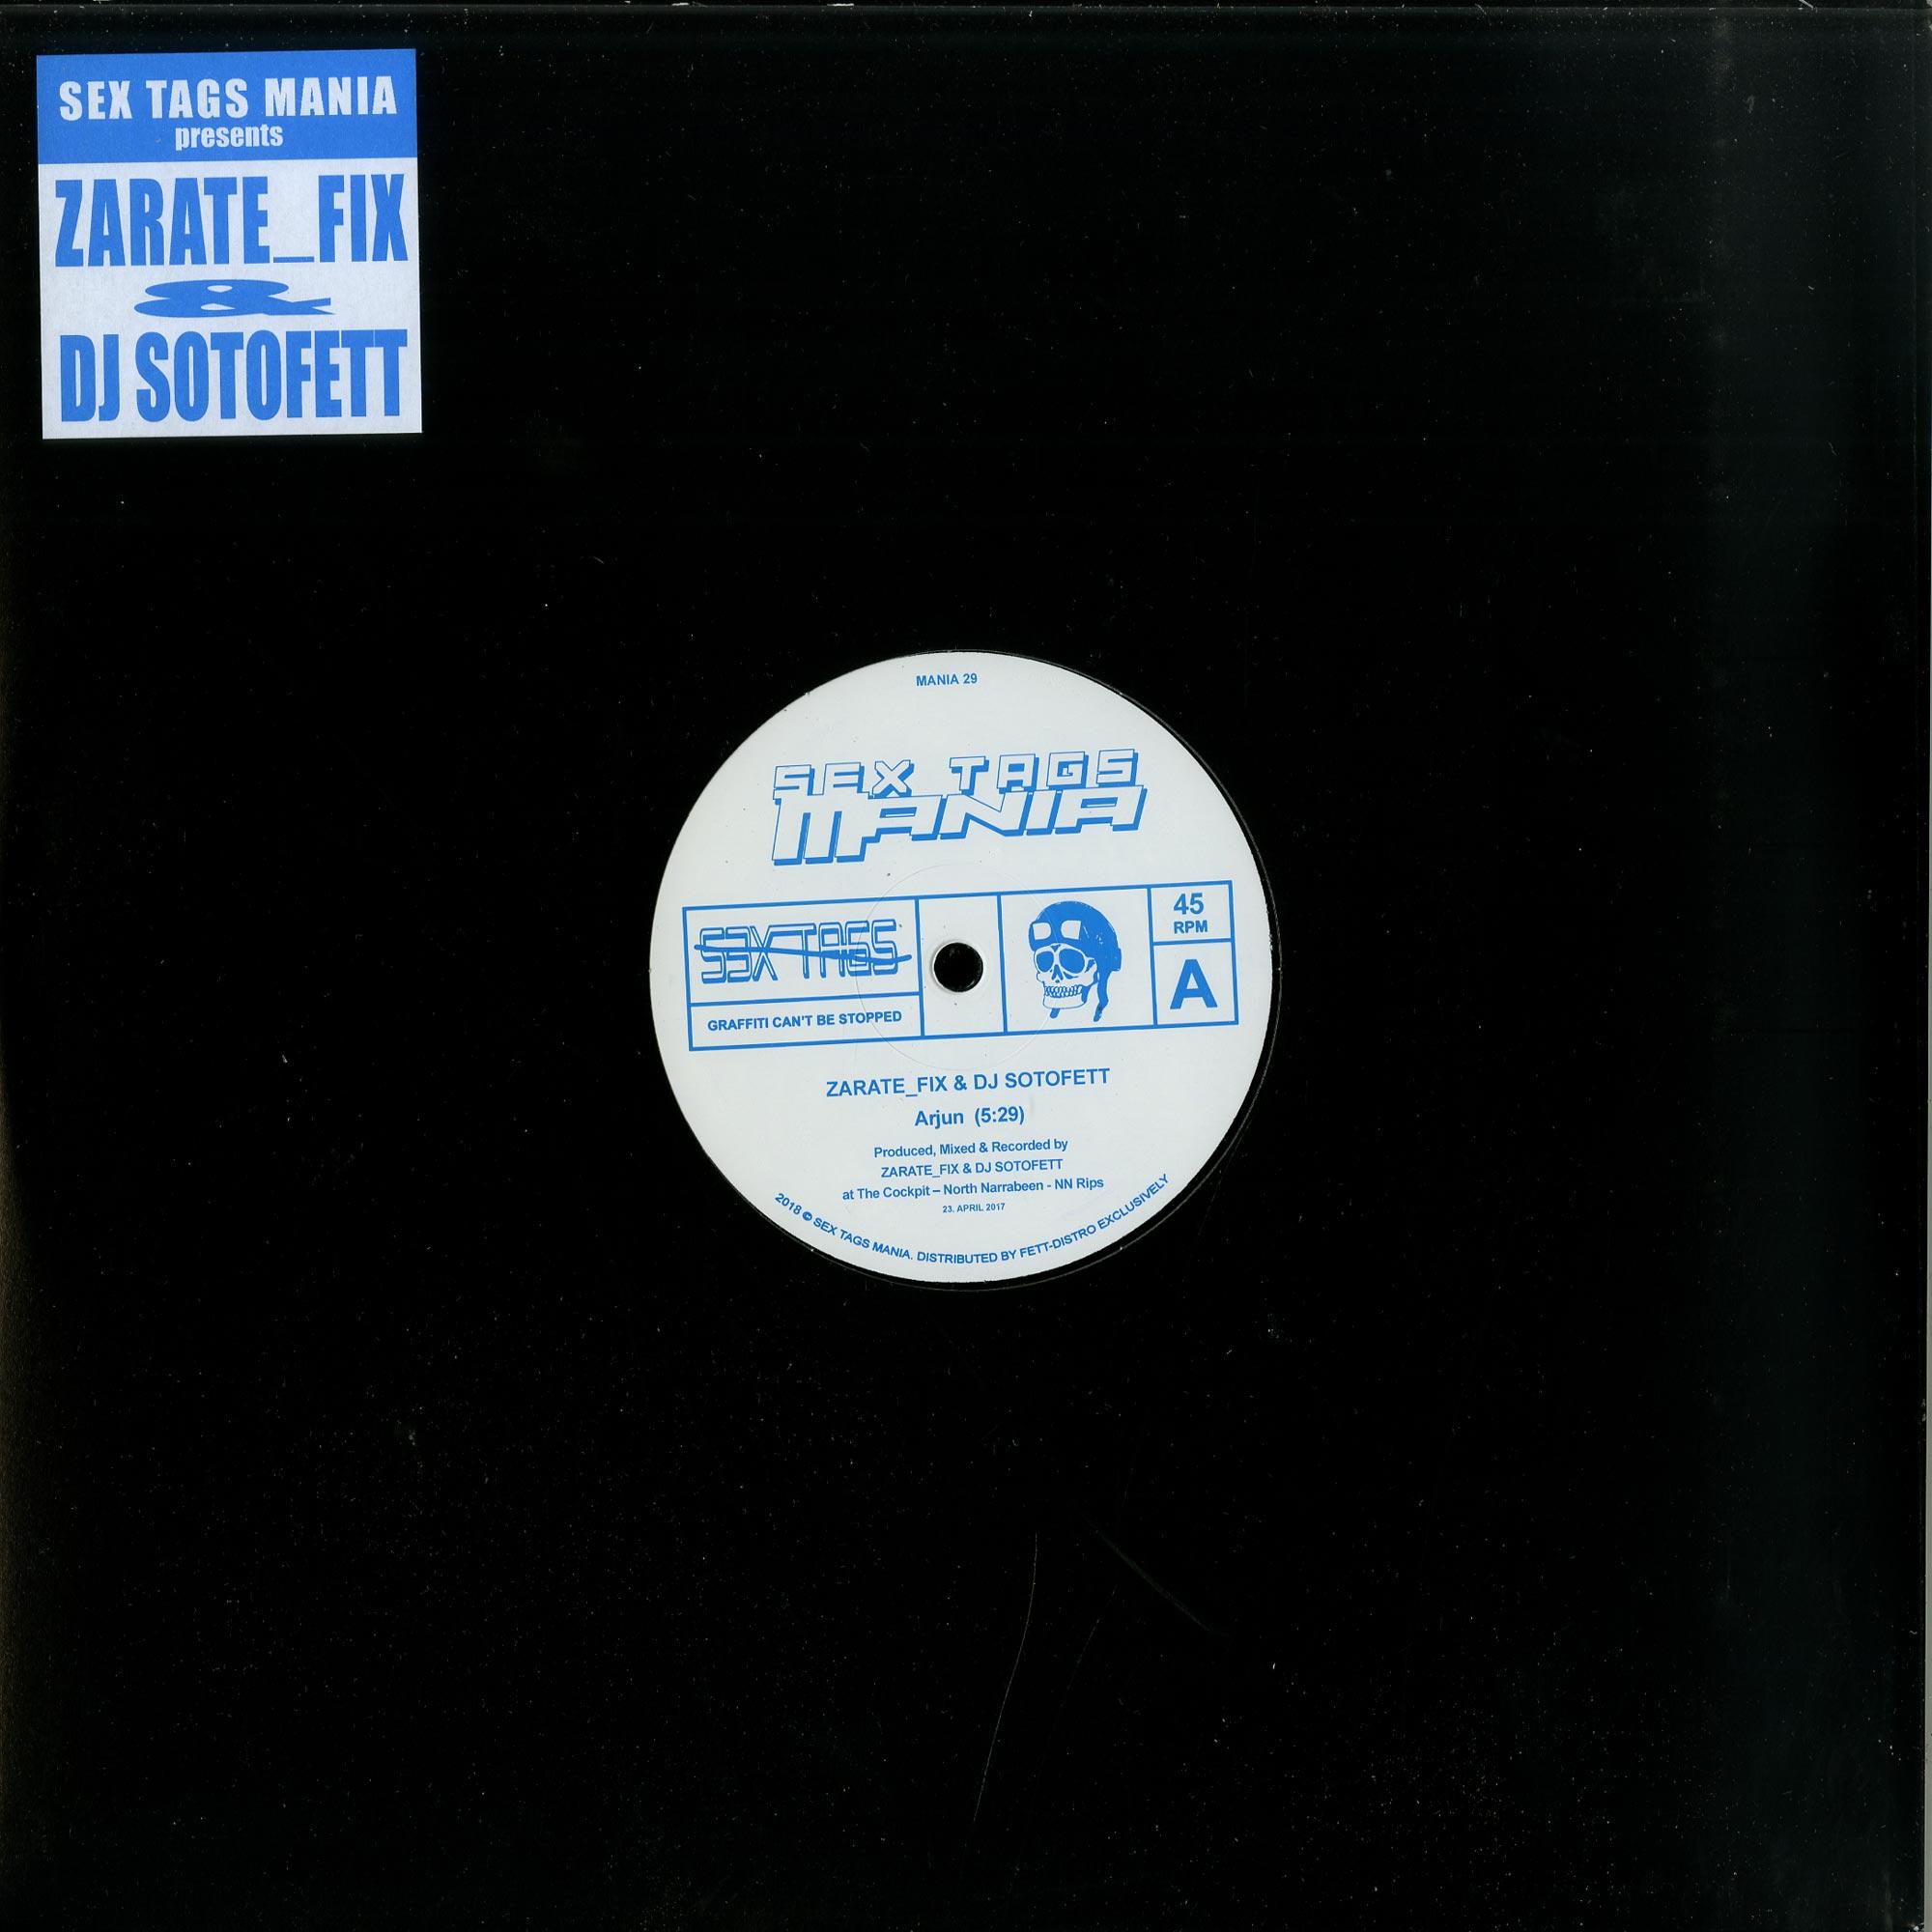 Zarate_fix & DJ Sotofett - ARJUN / AFROZ